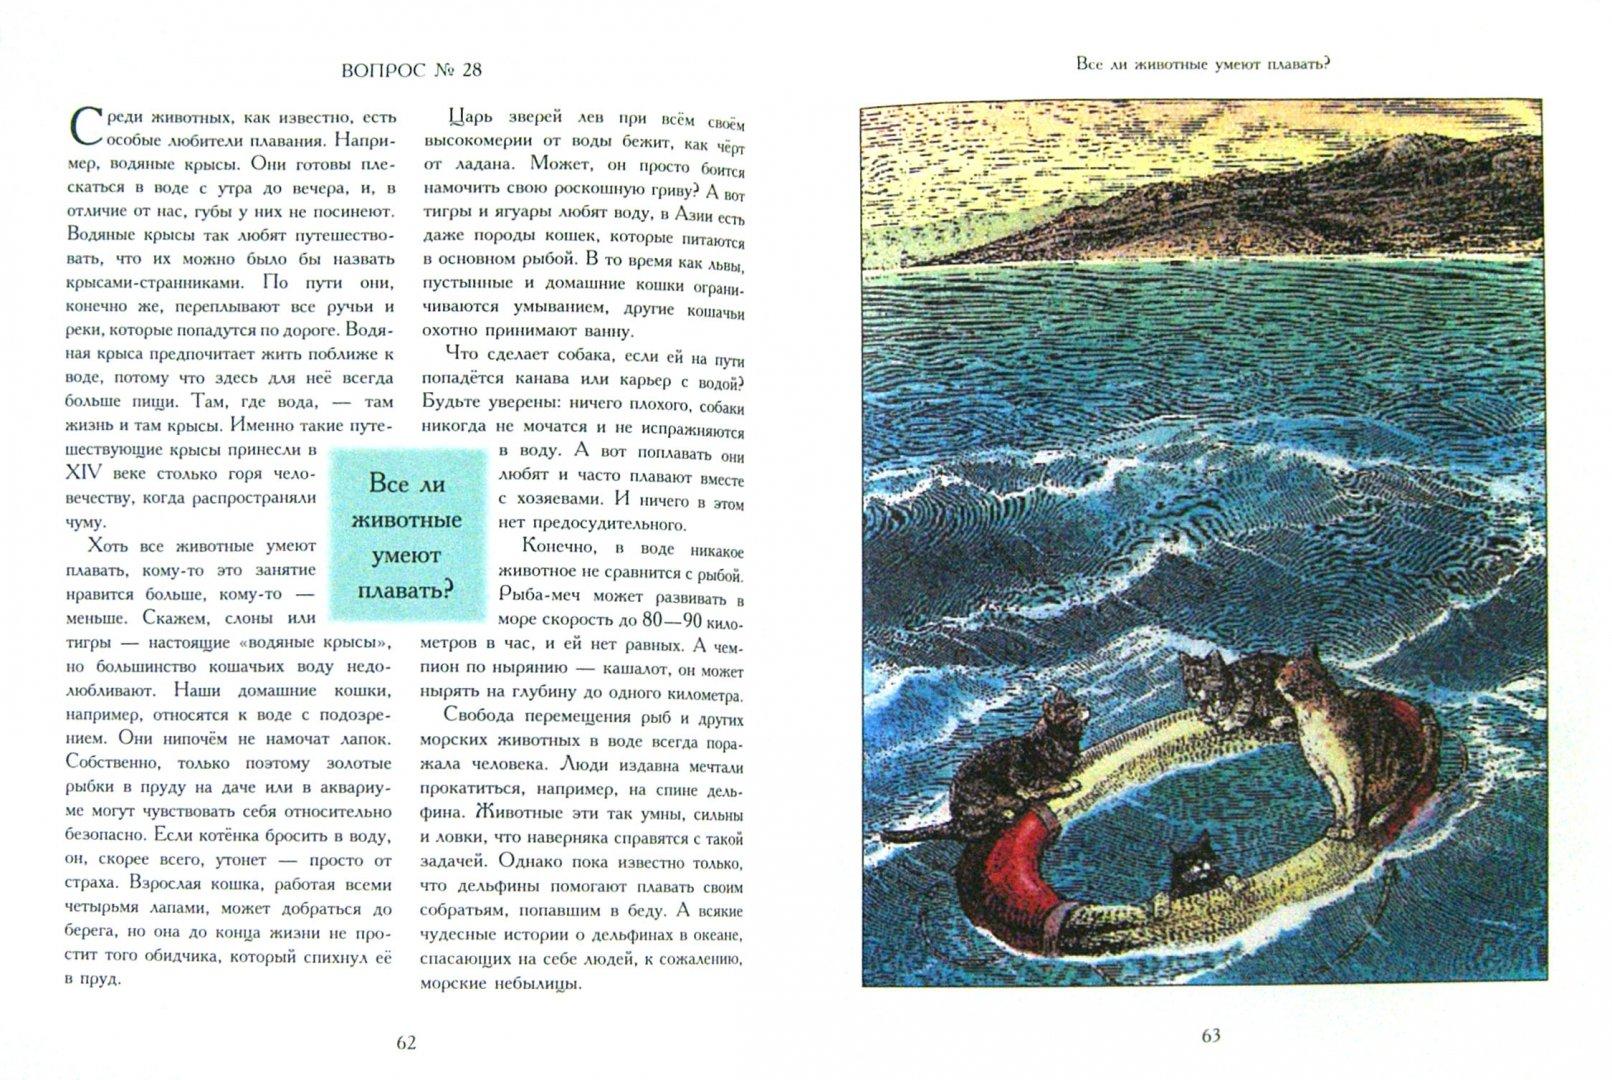 Иллюстрация 1 из 43 для Сколько иголок у ежа?.. и другие вопросы директору зоопарка - Визнер, Мюллер   Лабиринт - книги. Источник: Лабиринт